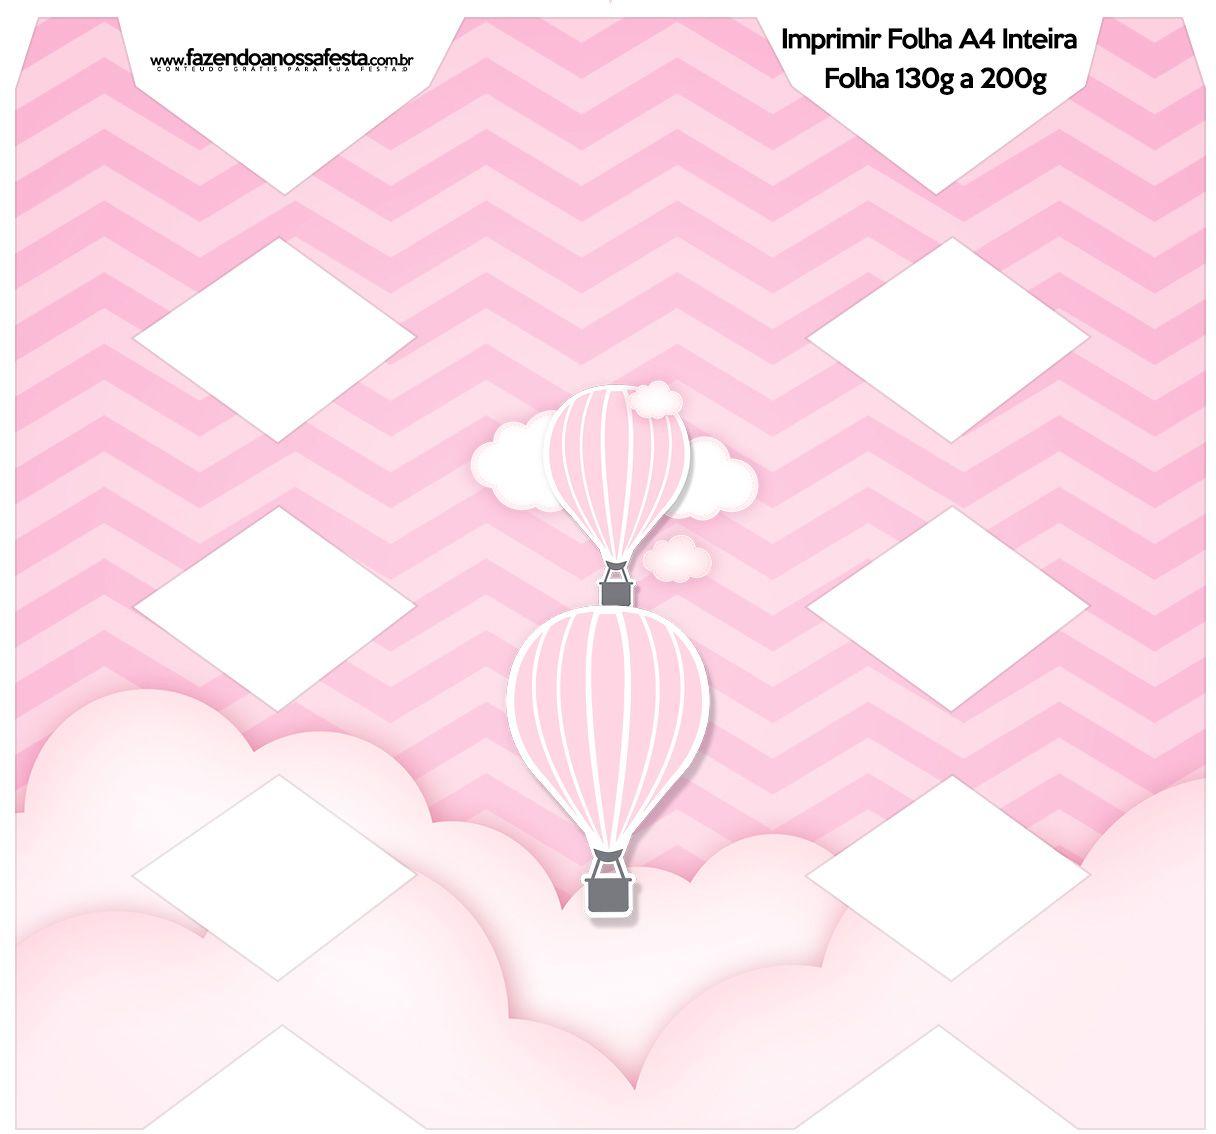 Caixa Bala Balão de Ar Quente Rosa Kit Festa | Globo aerostatico ...